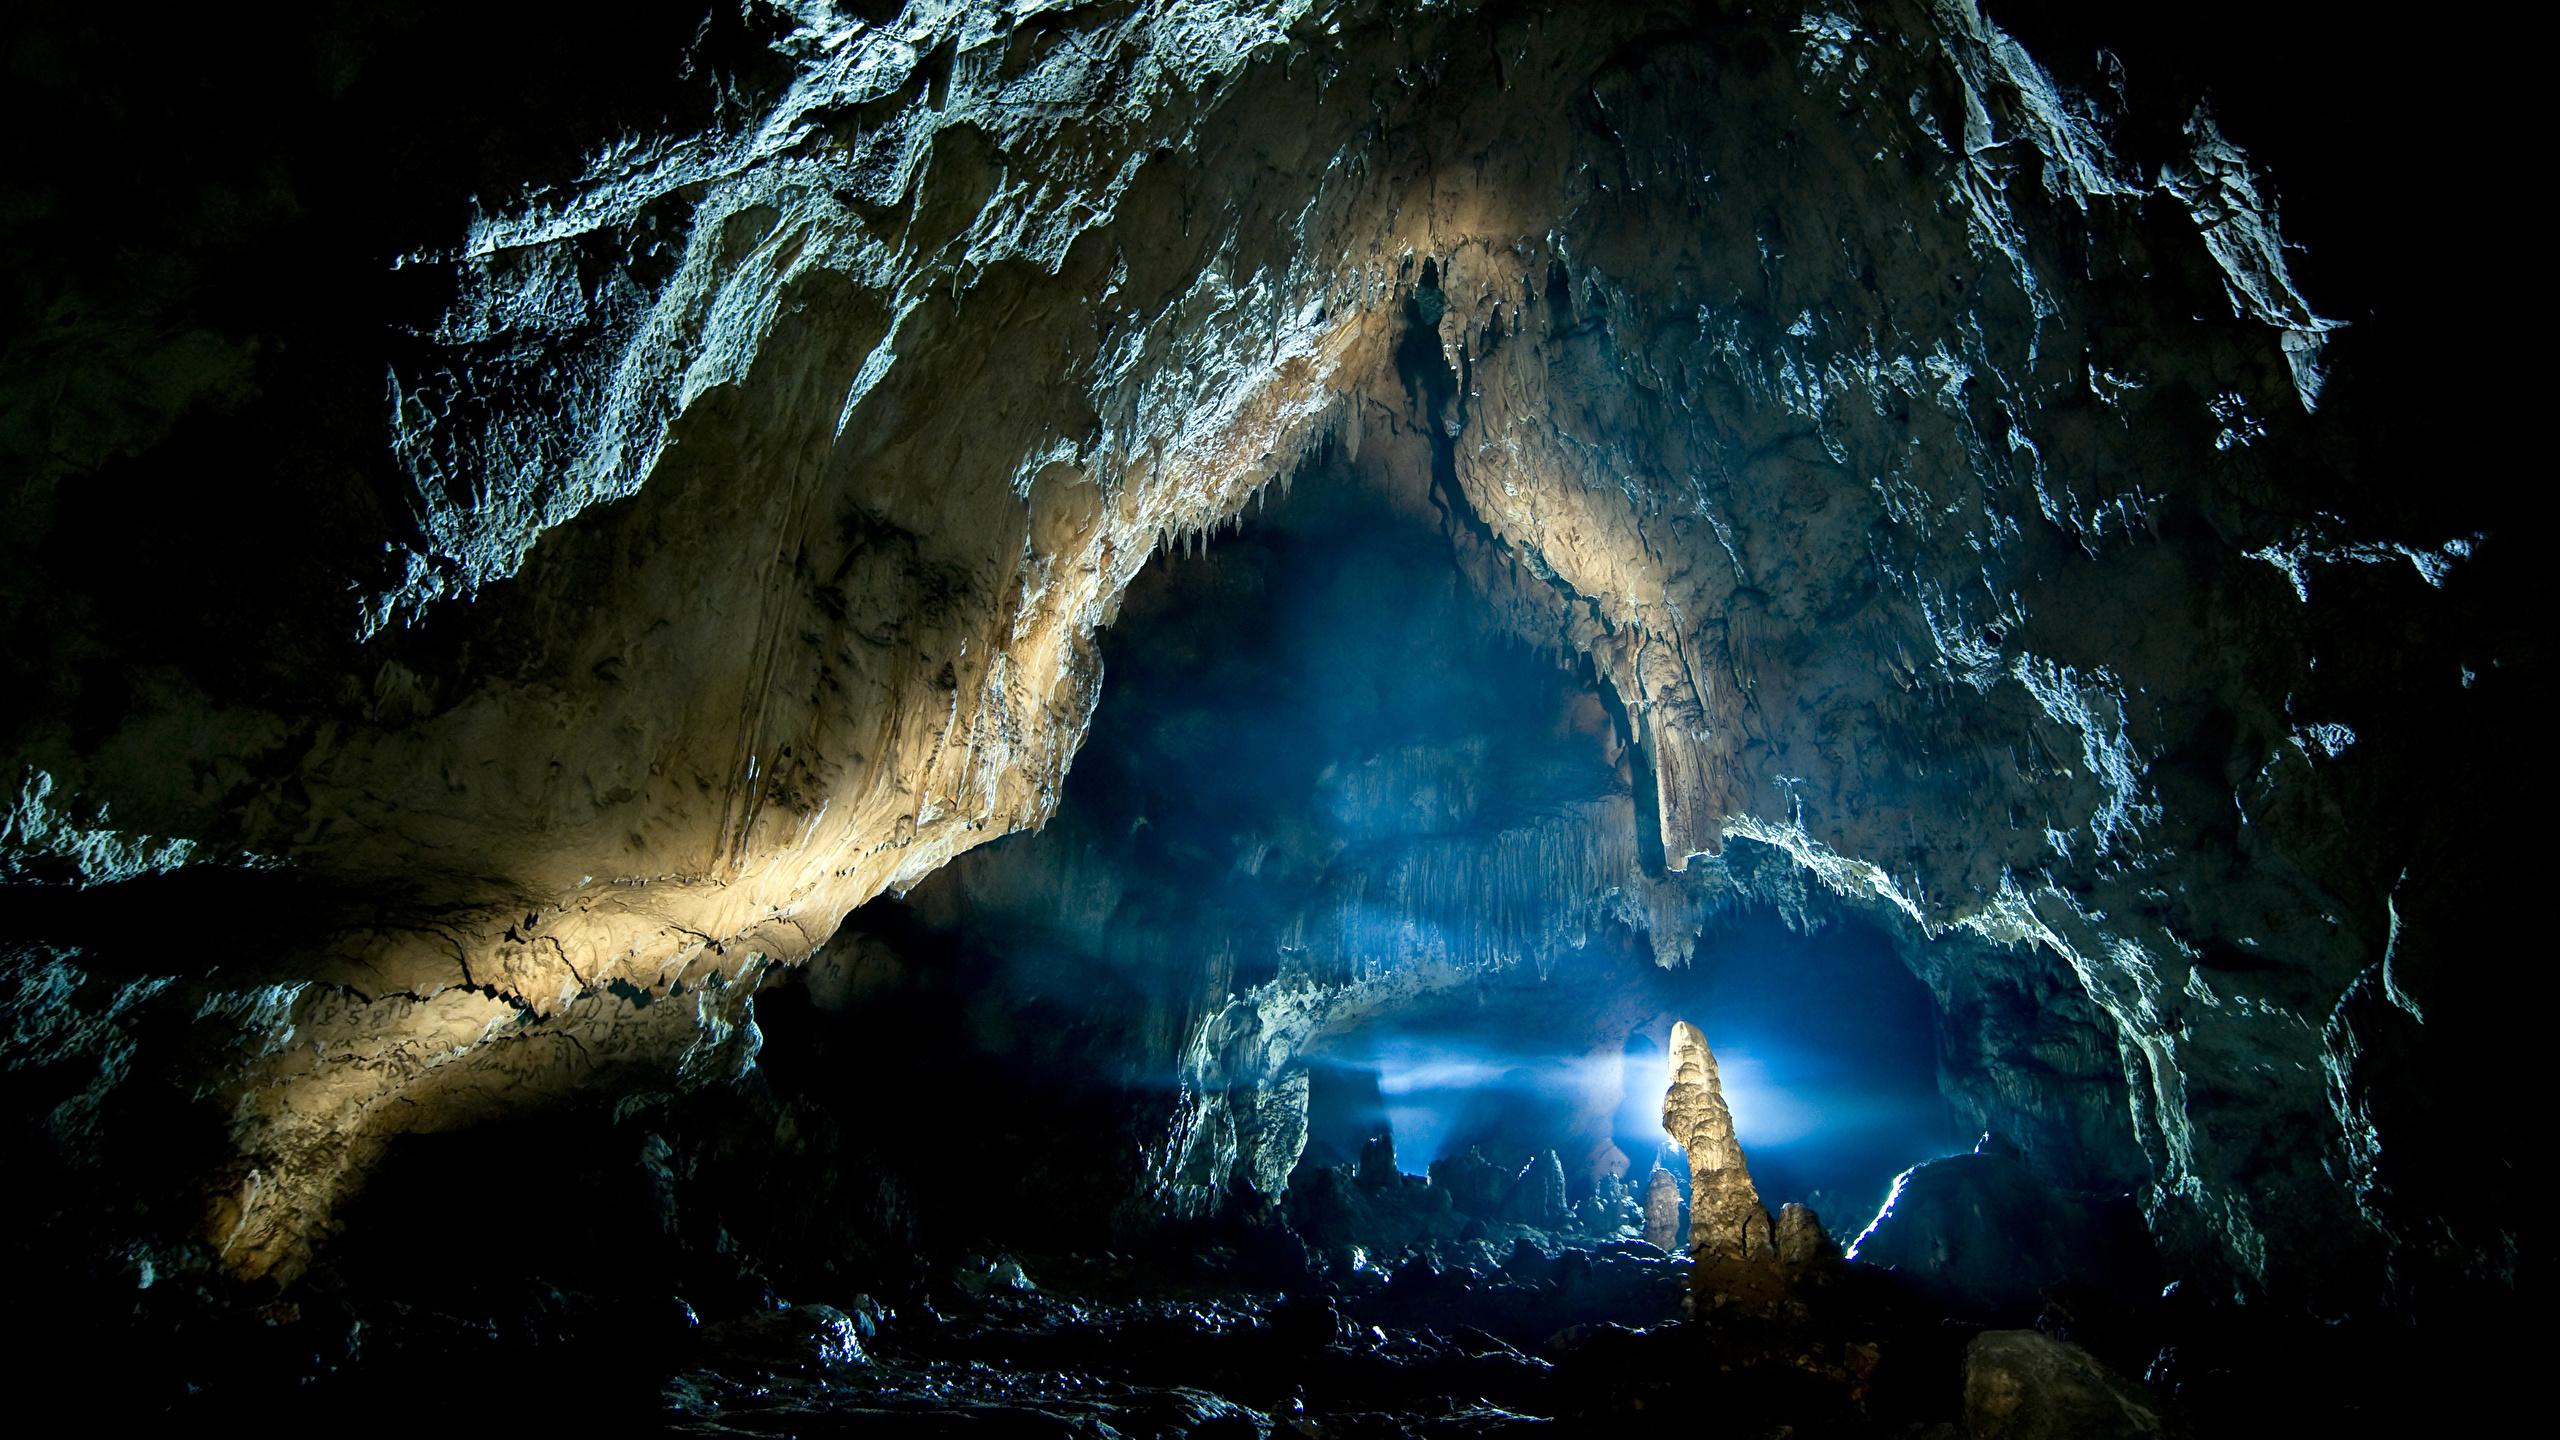 Фото Скала Пещера Природа 2560x1440 Утес скалы скале пещере пещеры